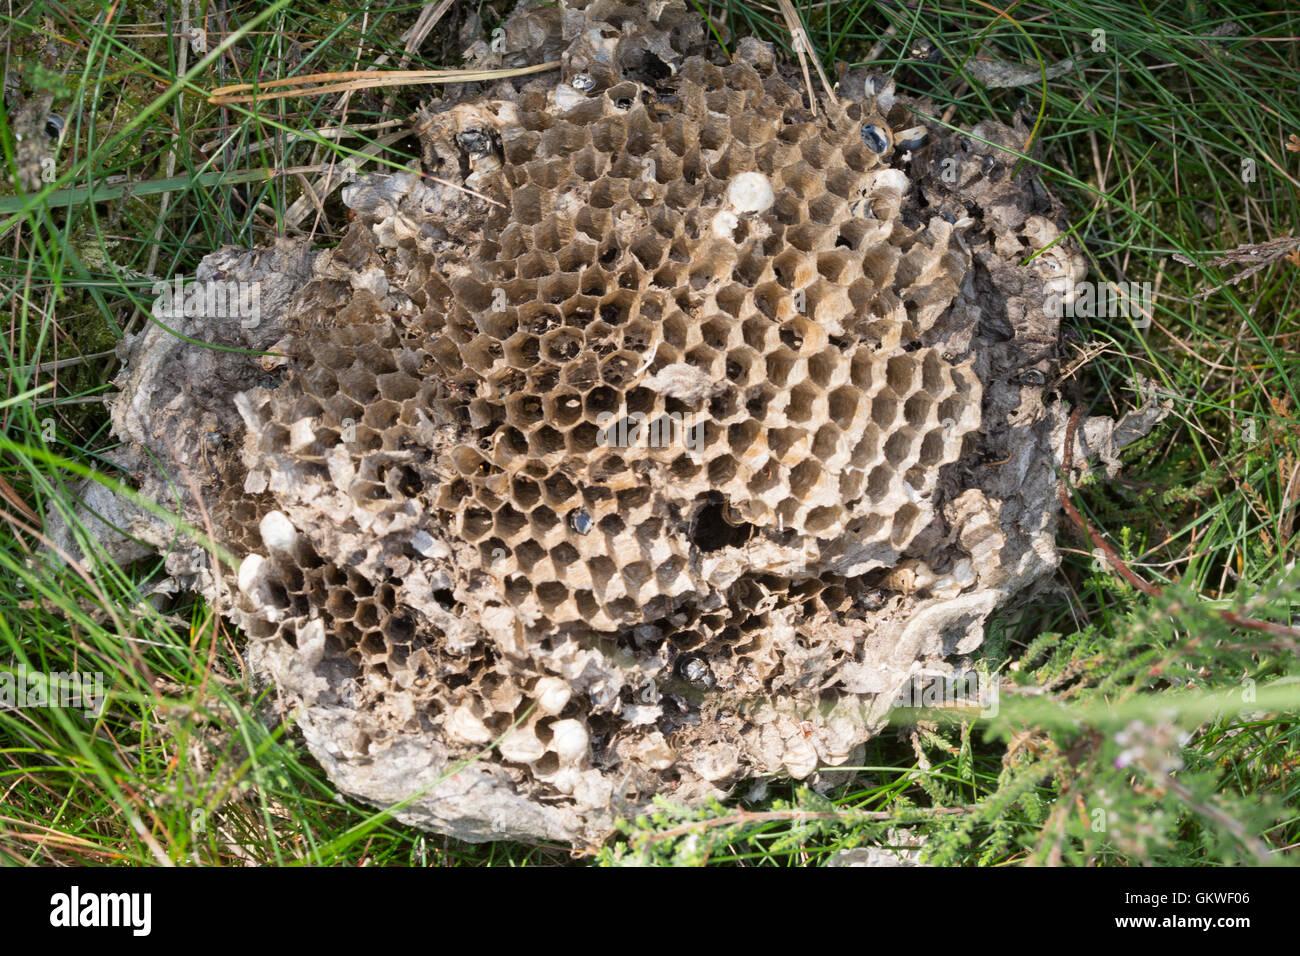 inside-of-common-wasp-nest-vespula-vulgaris-GKWF06.jpg